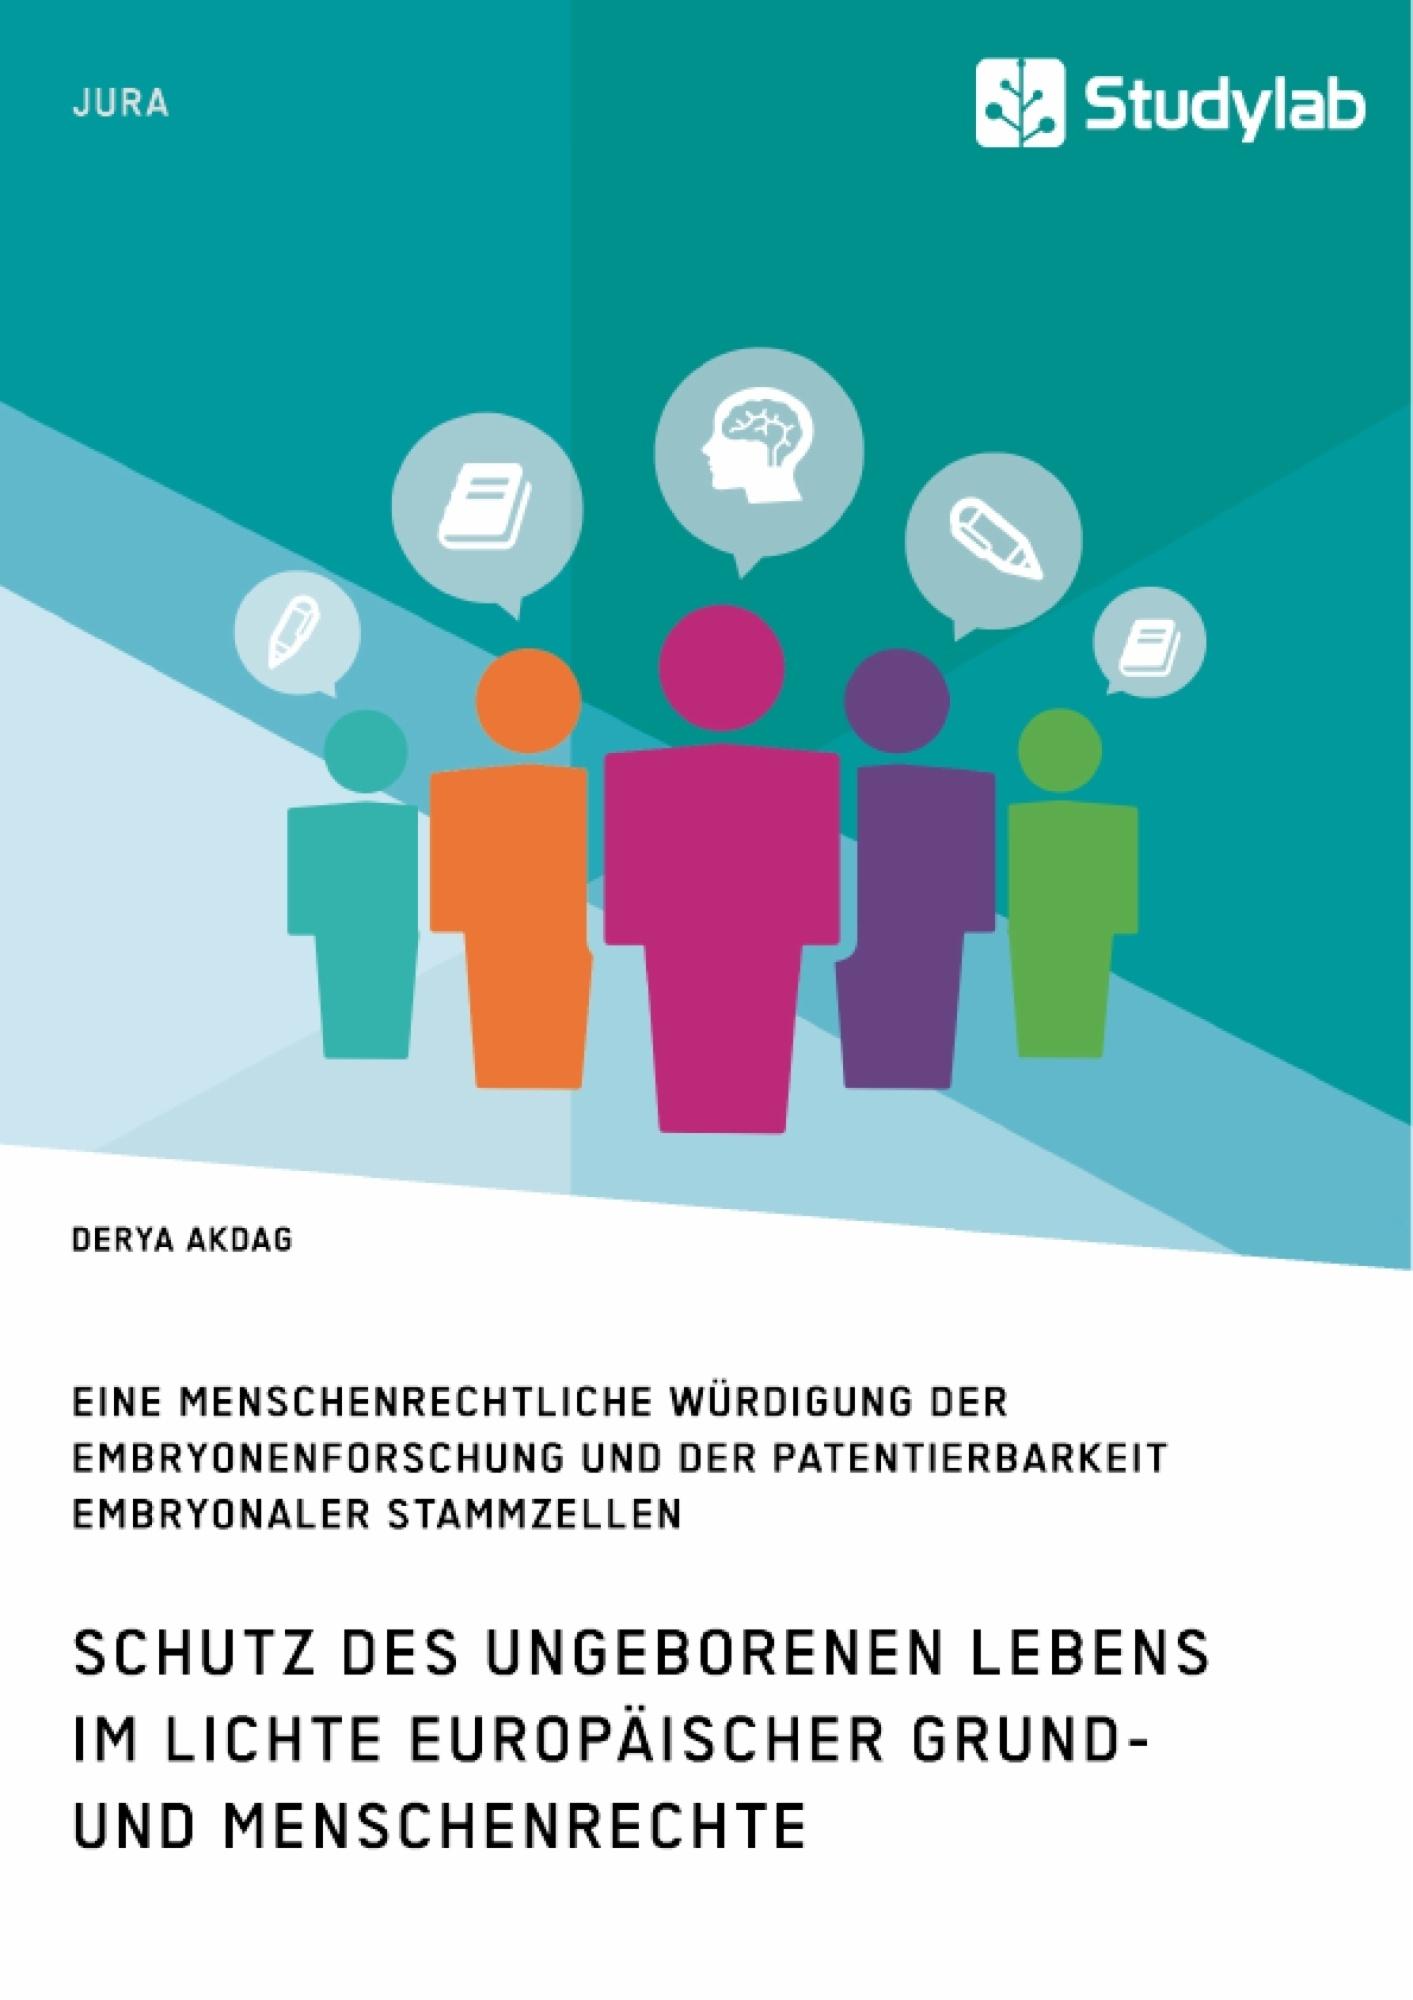 Titel: Schutz des ungeborenen Lebens im Lichte europäischer Grund- und Menschenrechte